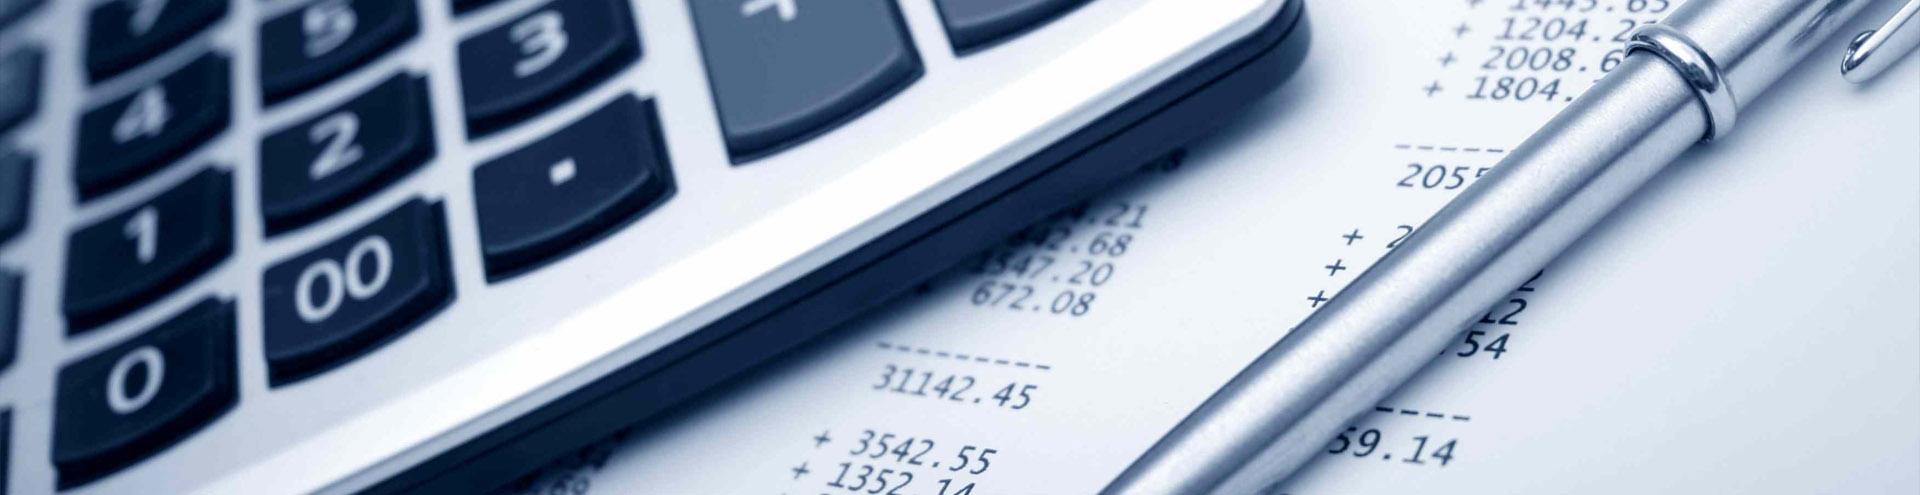 стоимость юридических услуг в Краснодаре